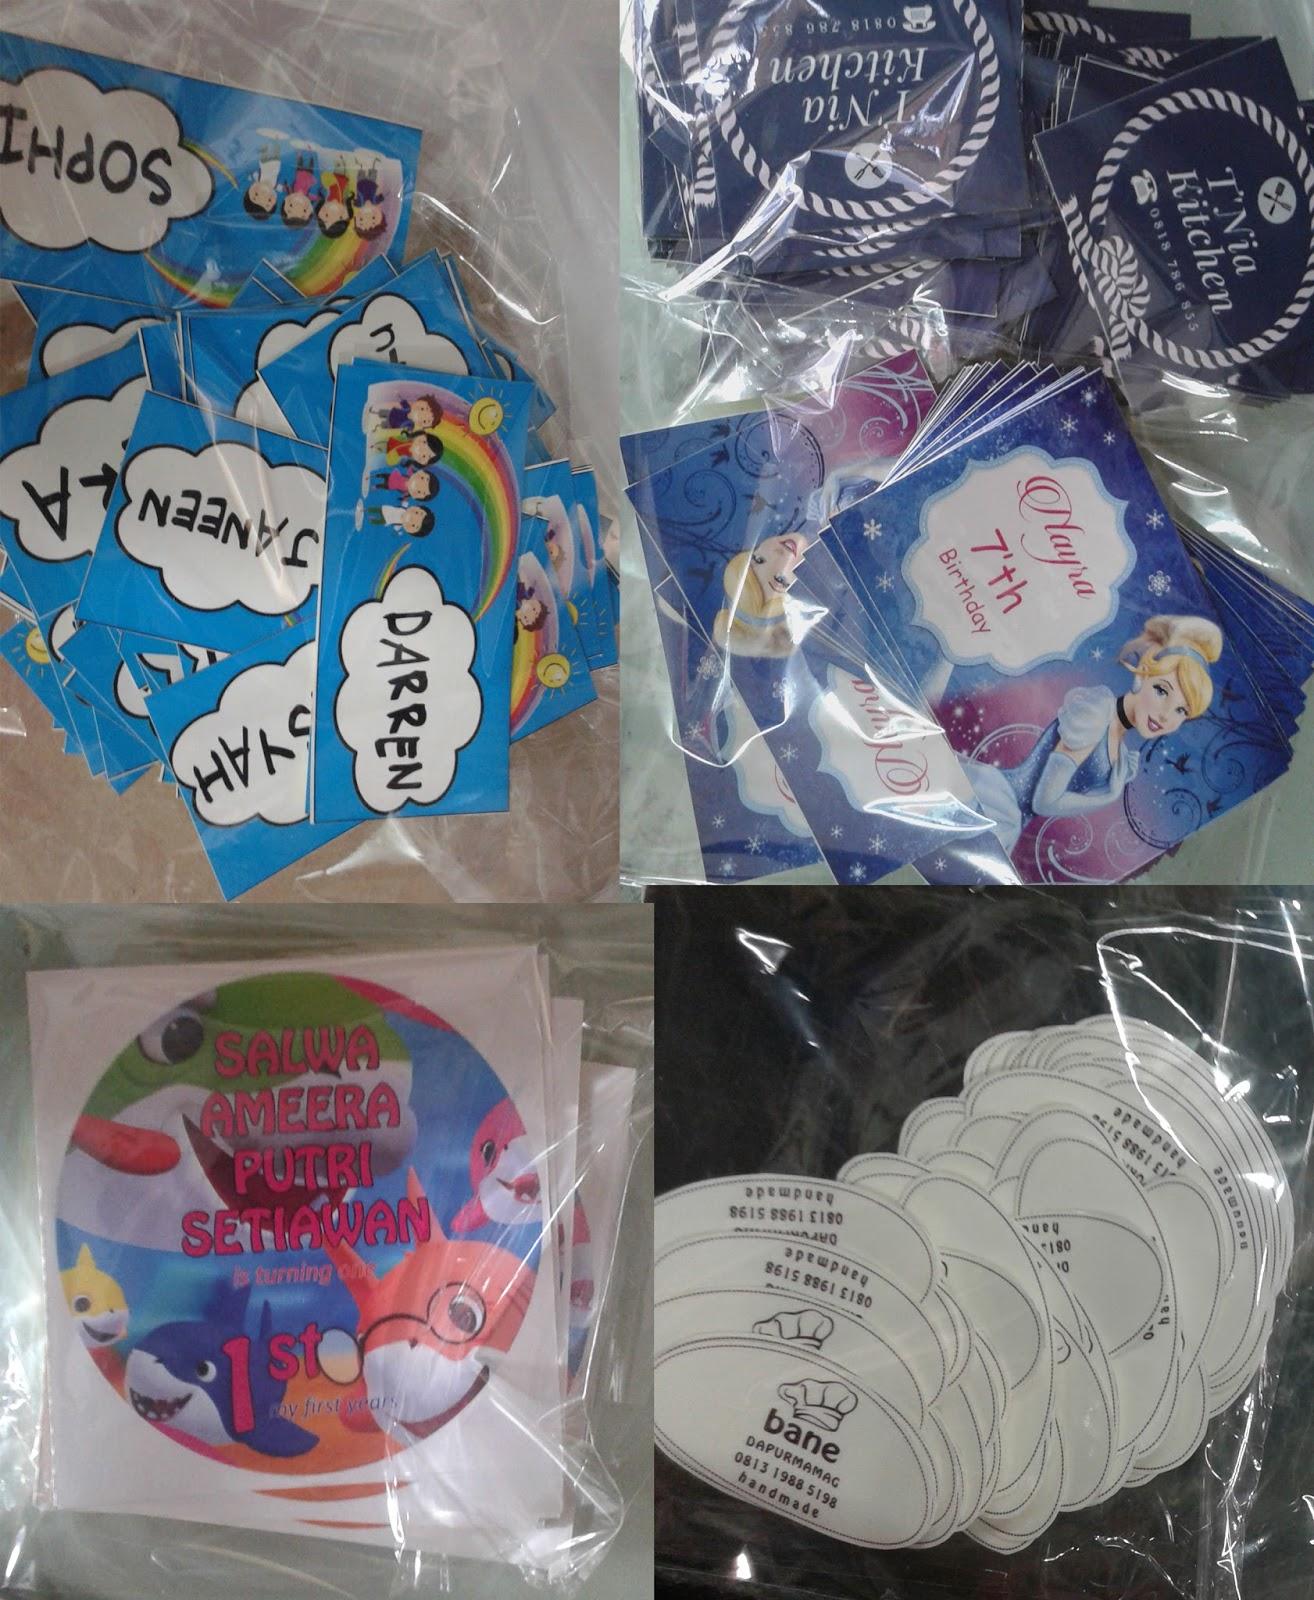 Harga Cetak Sticker Murah Jakarta Firman Printing Stiker Untuk Urusan Mencetak Merupakan Tempat Terbaik Cepat 24 Jam Rawamangun Timur Printingtimur